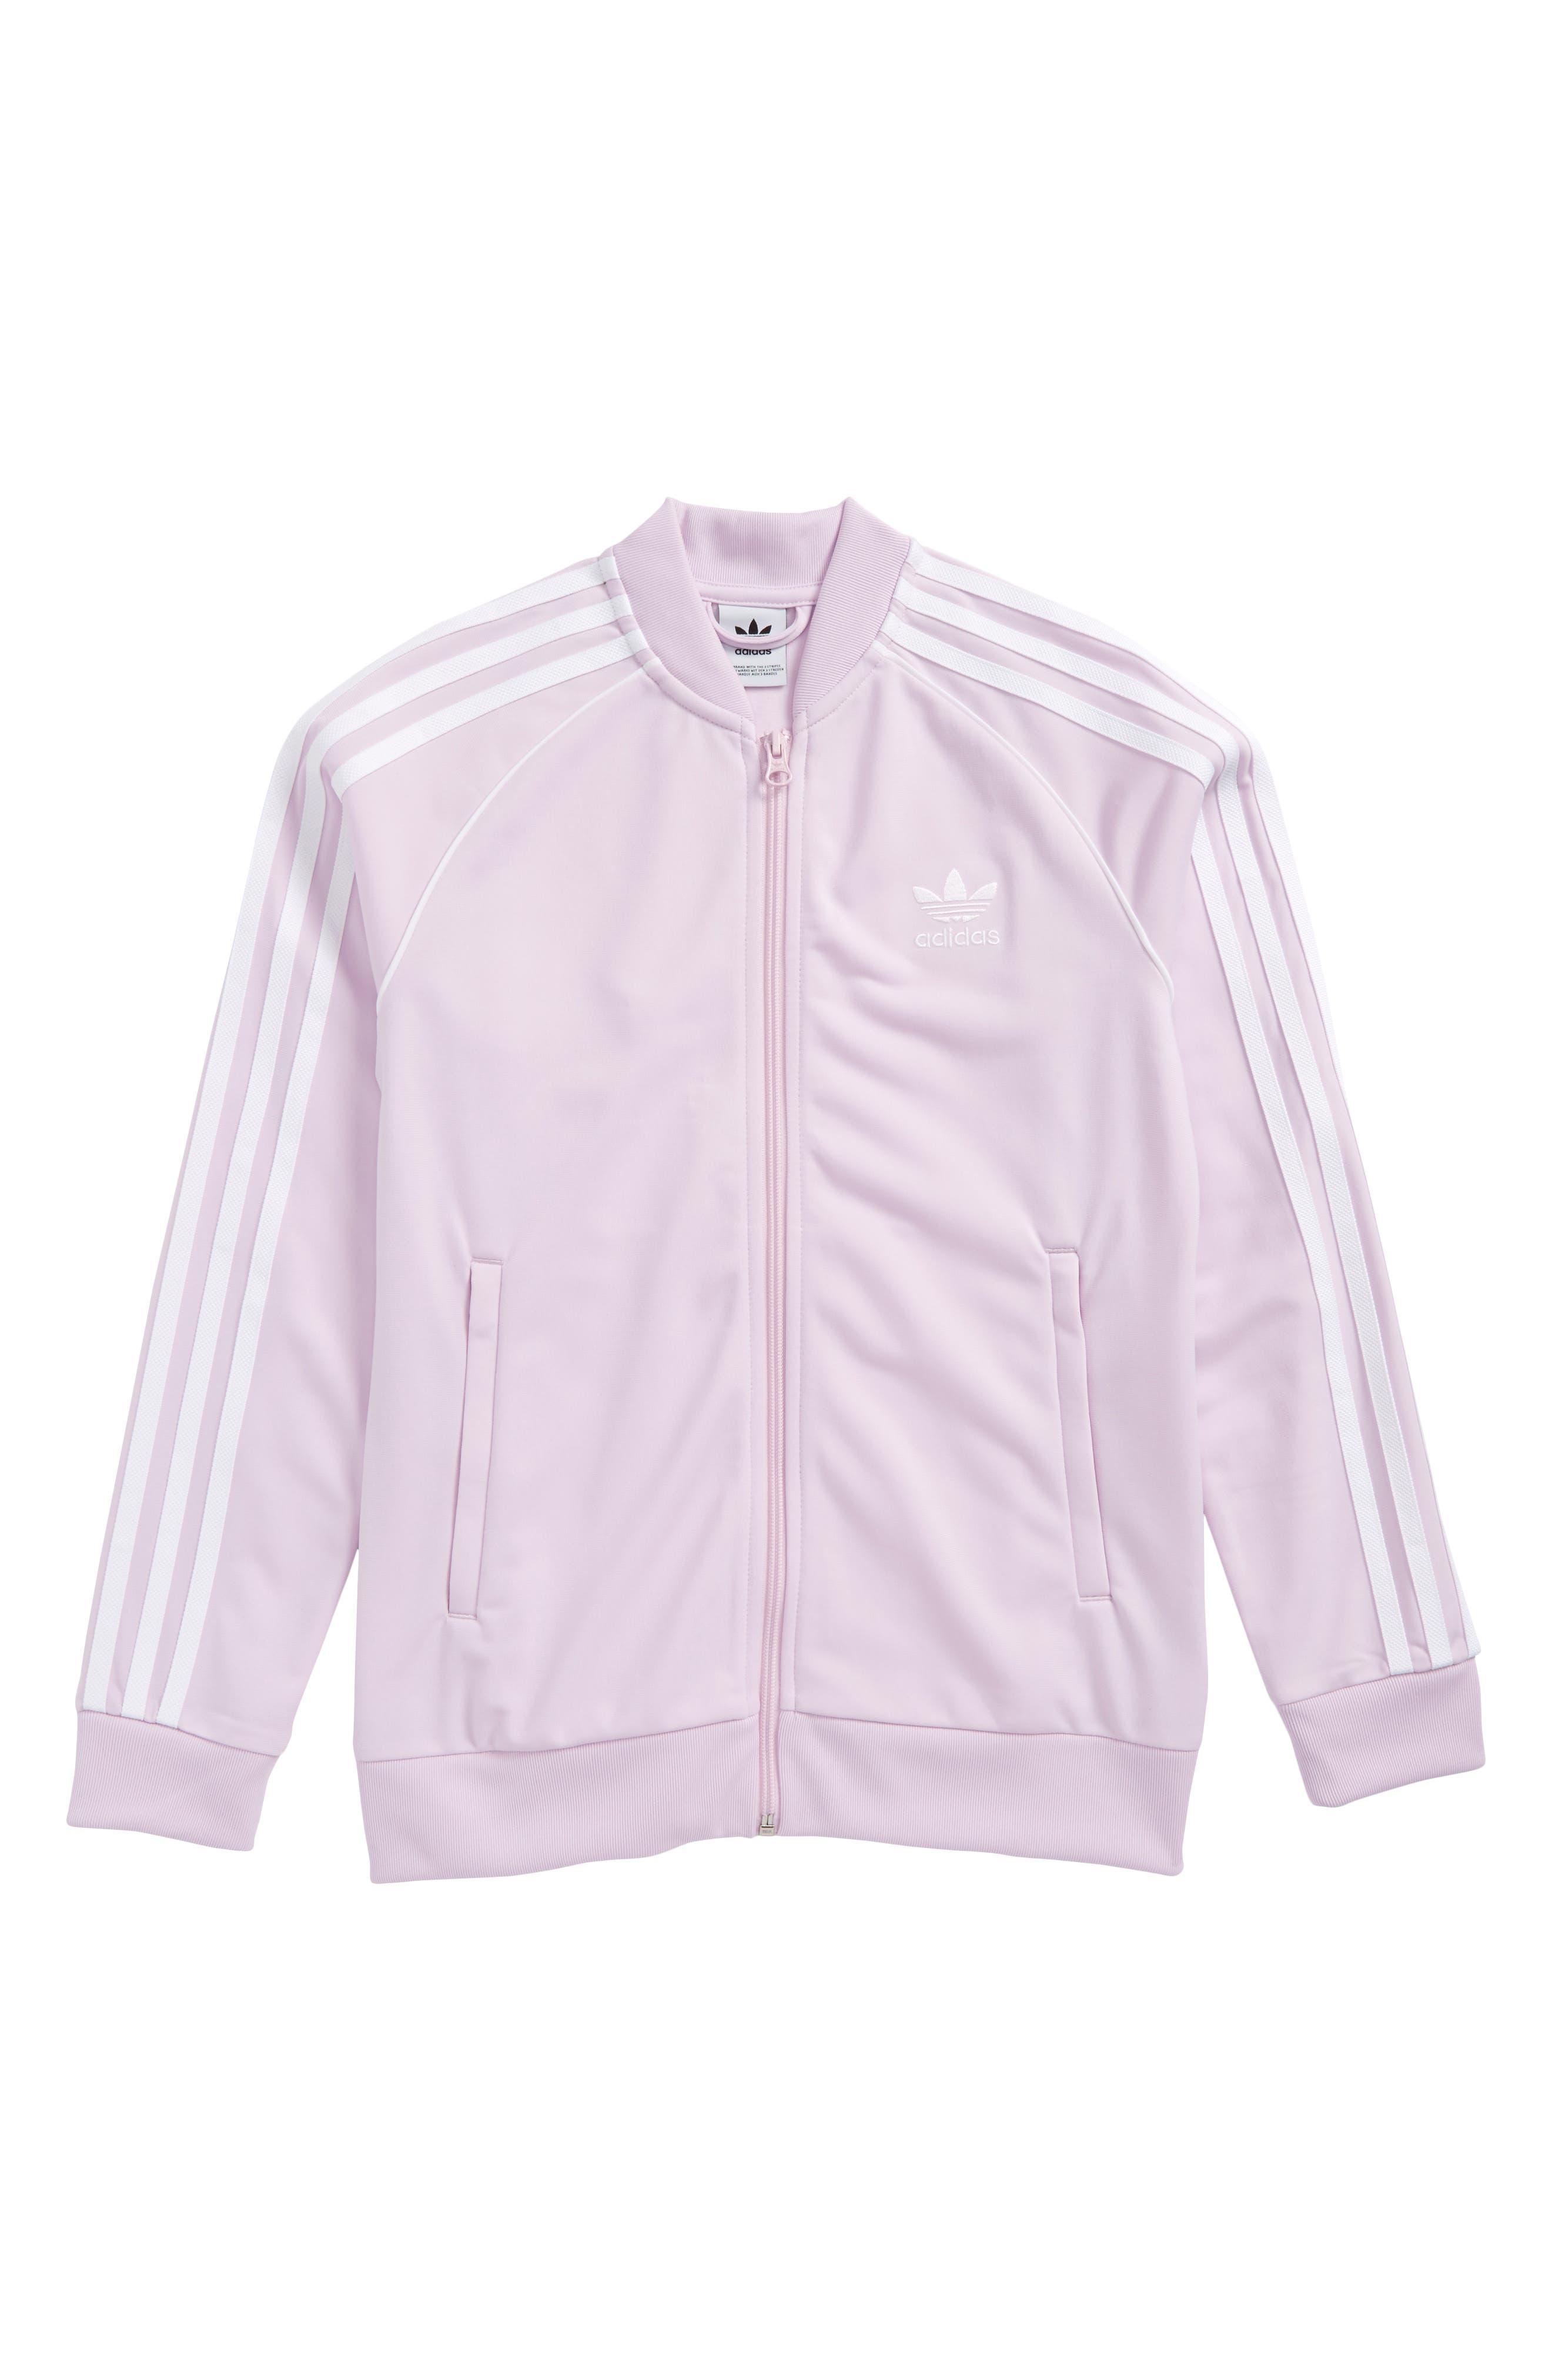 adidas SST Track Jacket,                             Main thumbnail 1, color,                             682